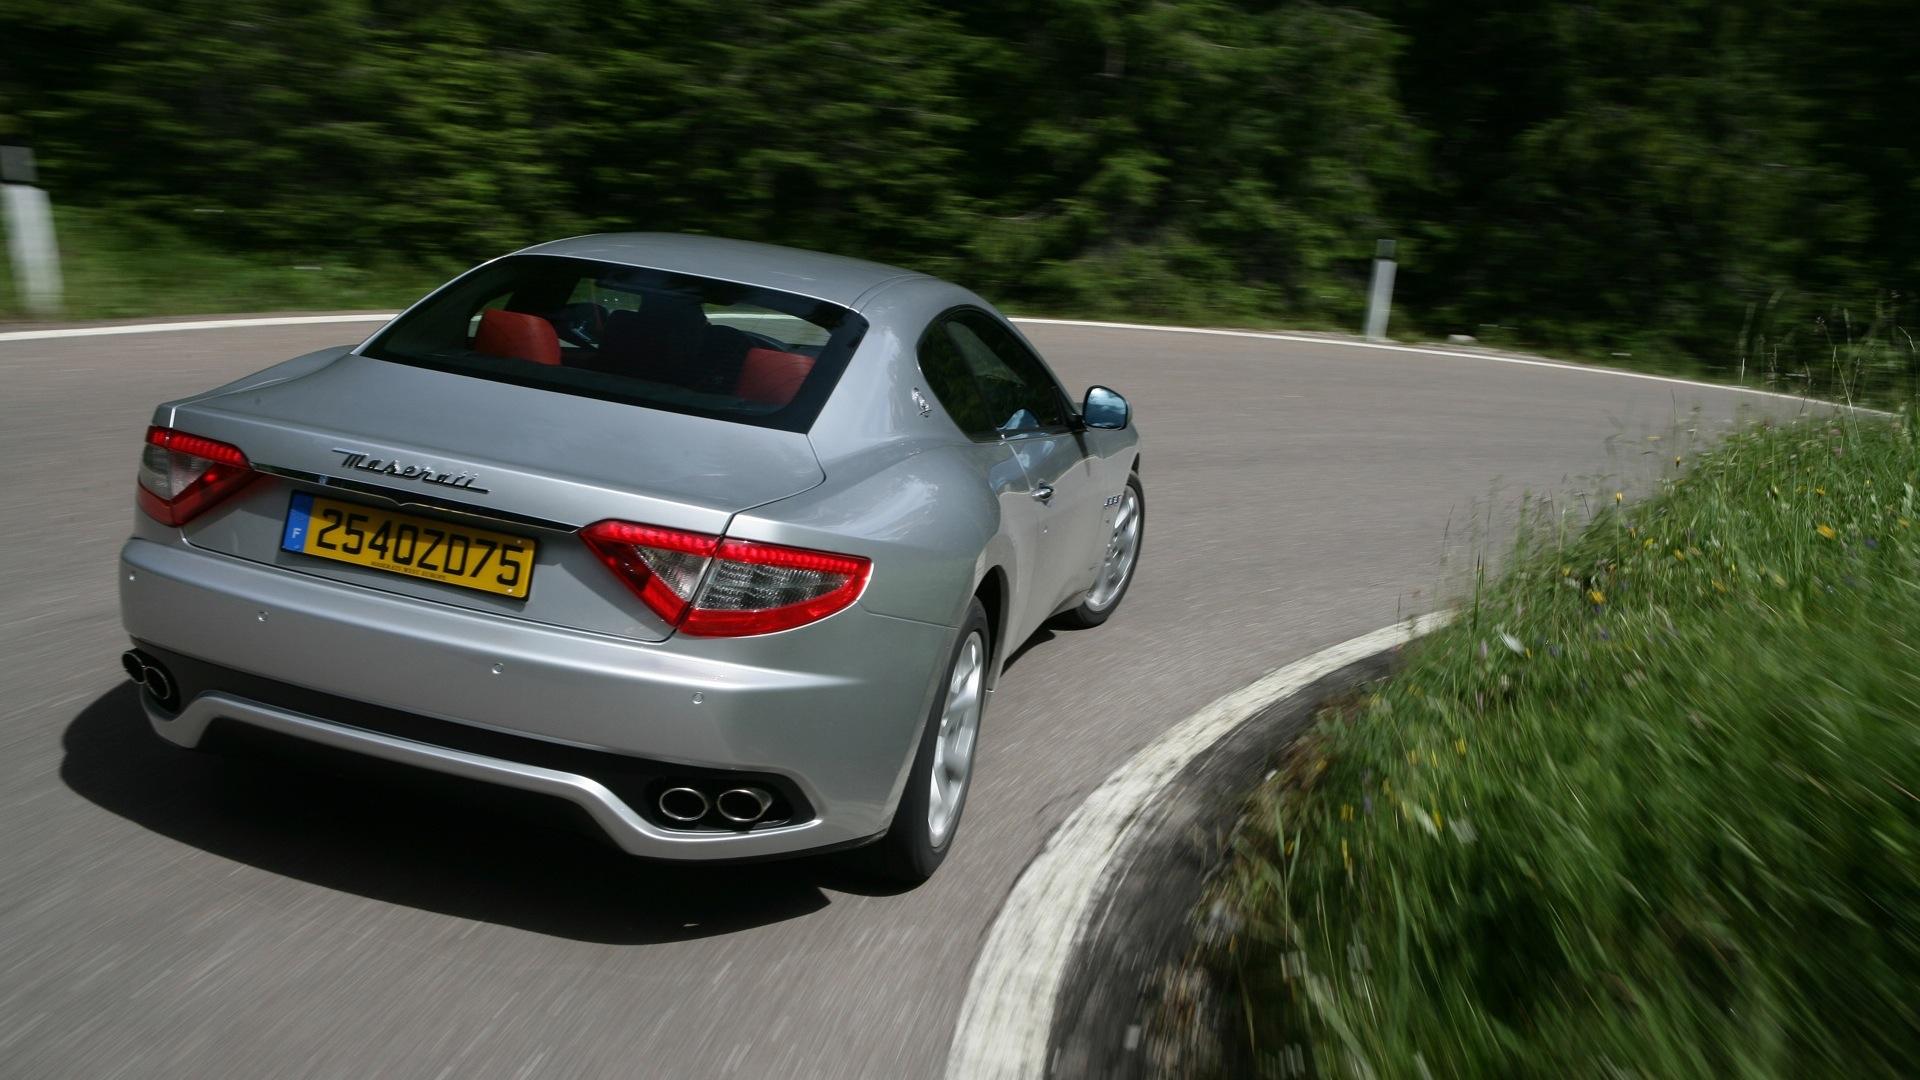 Maserati-granturismo-2013-STD Exterior